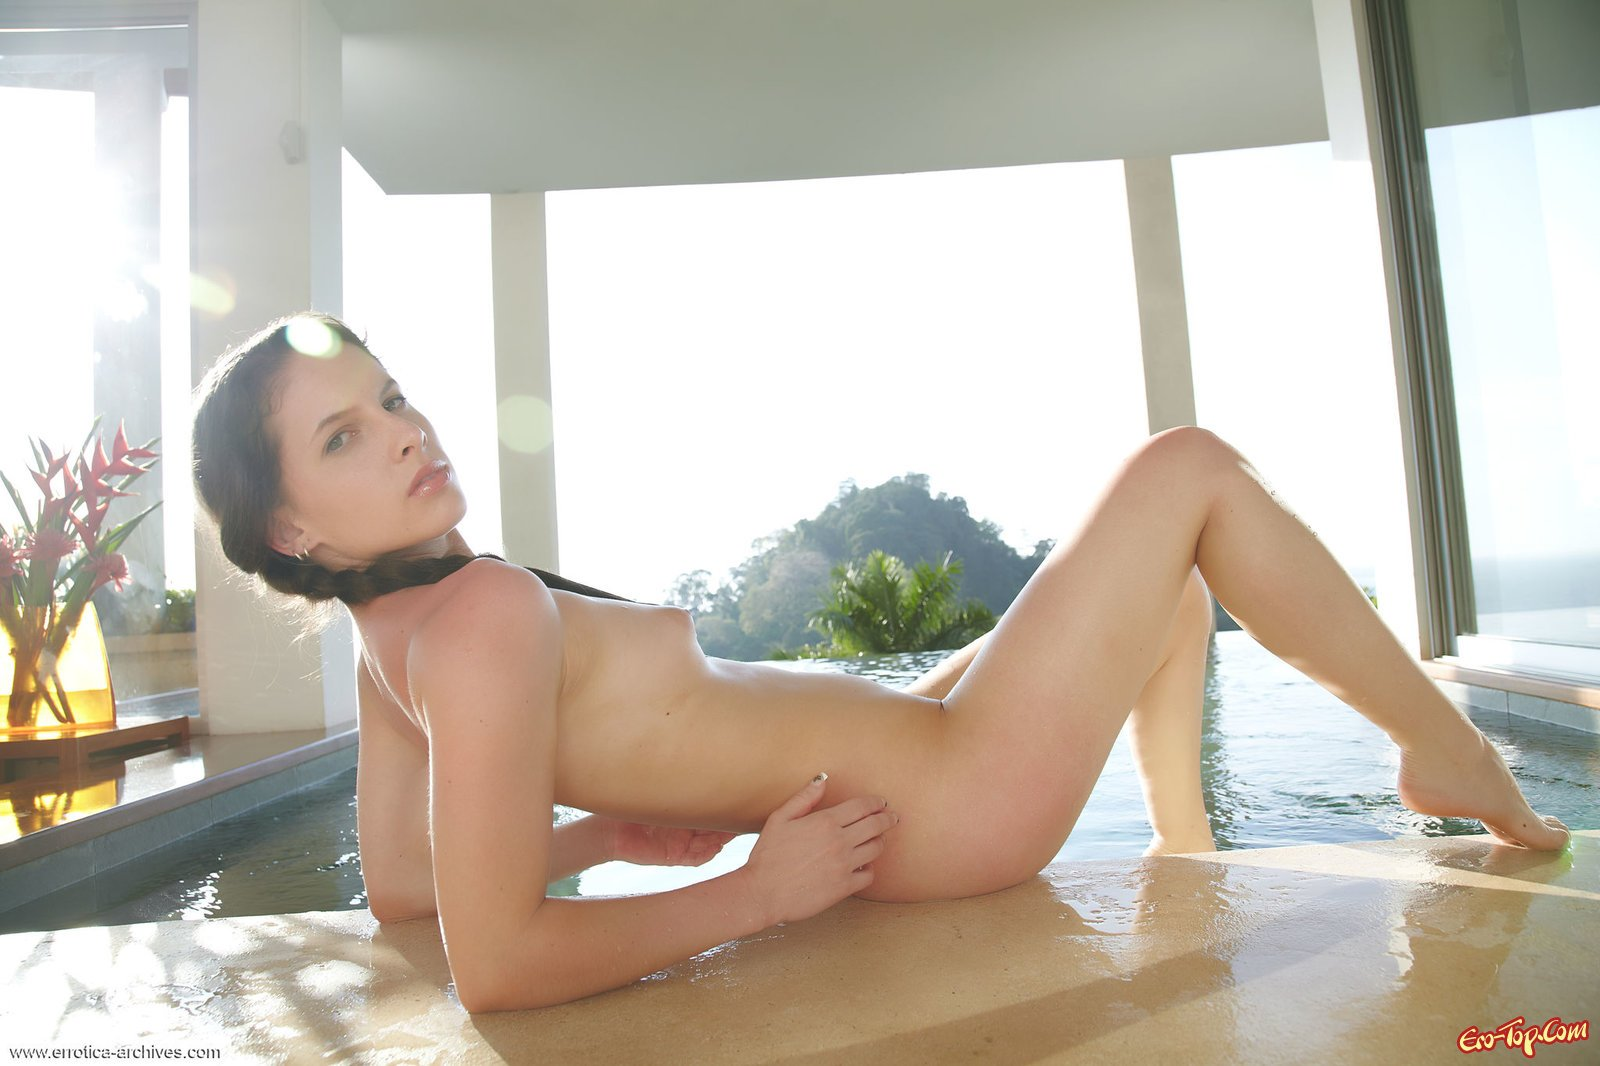 Брюнетка показала голое тело в закрытом бассейне